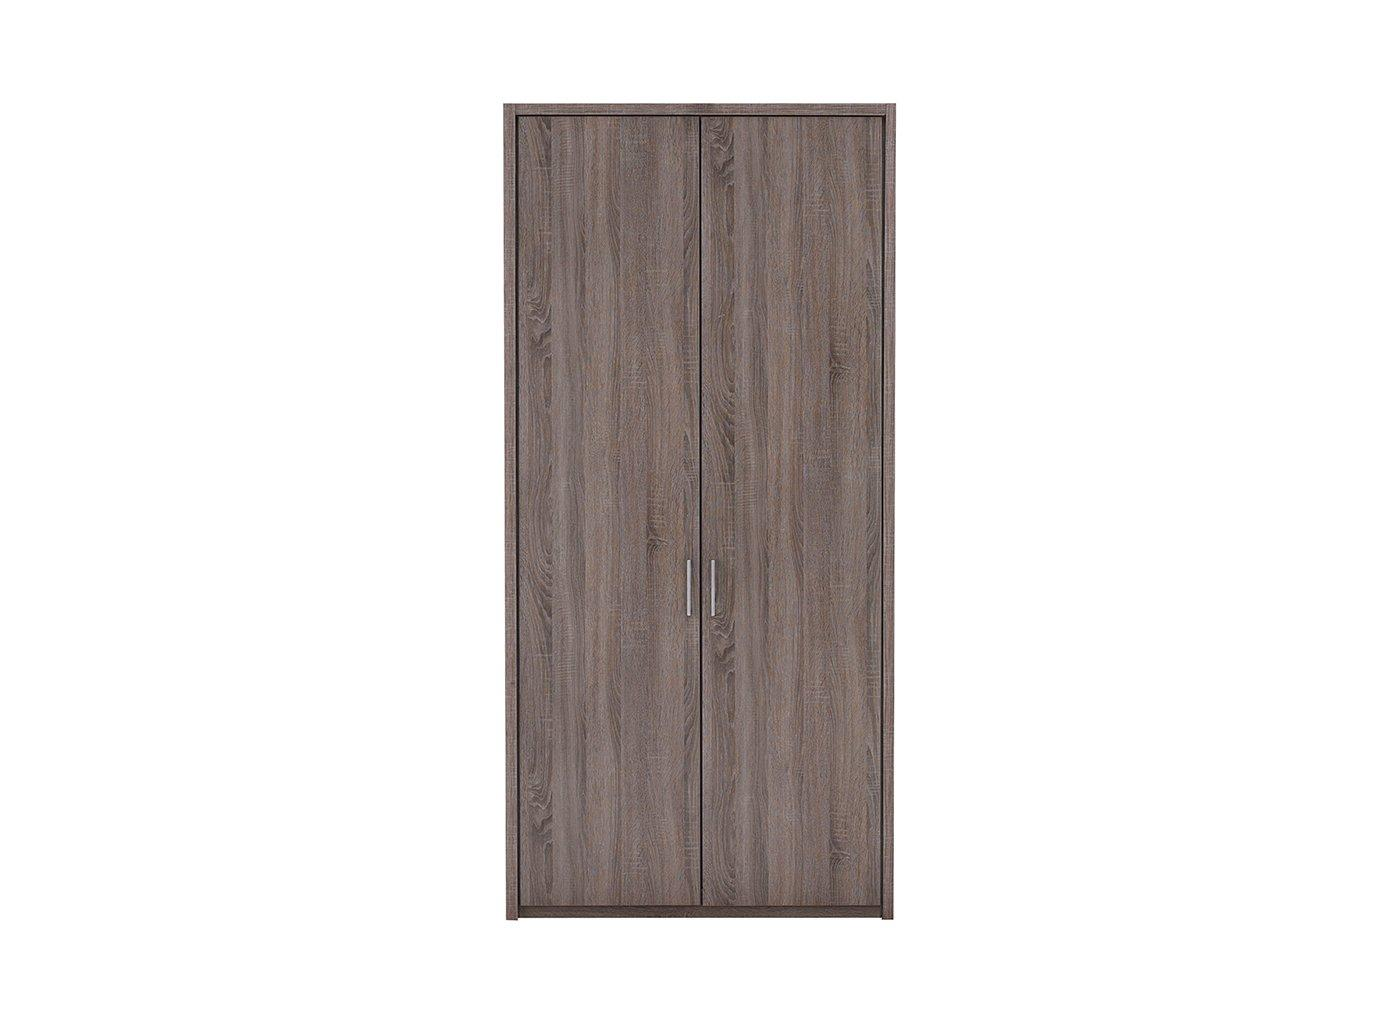 melbourne-2-door-hinged-wardrobe---oak